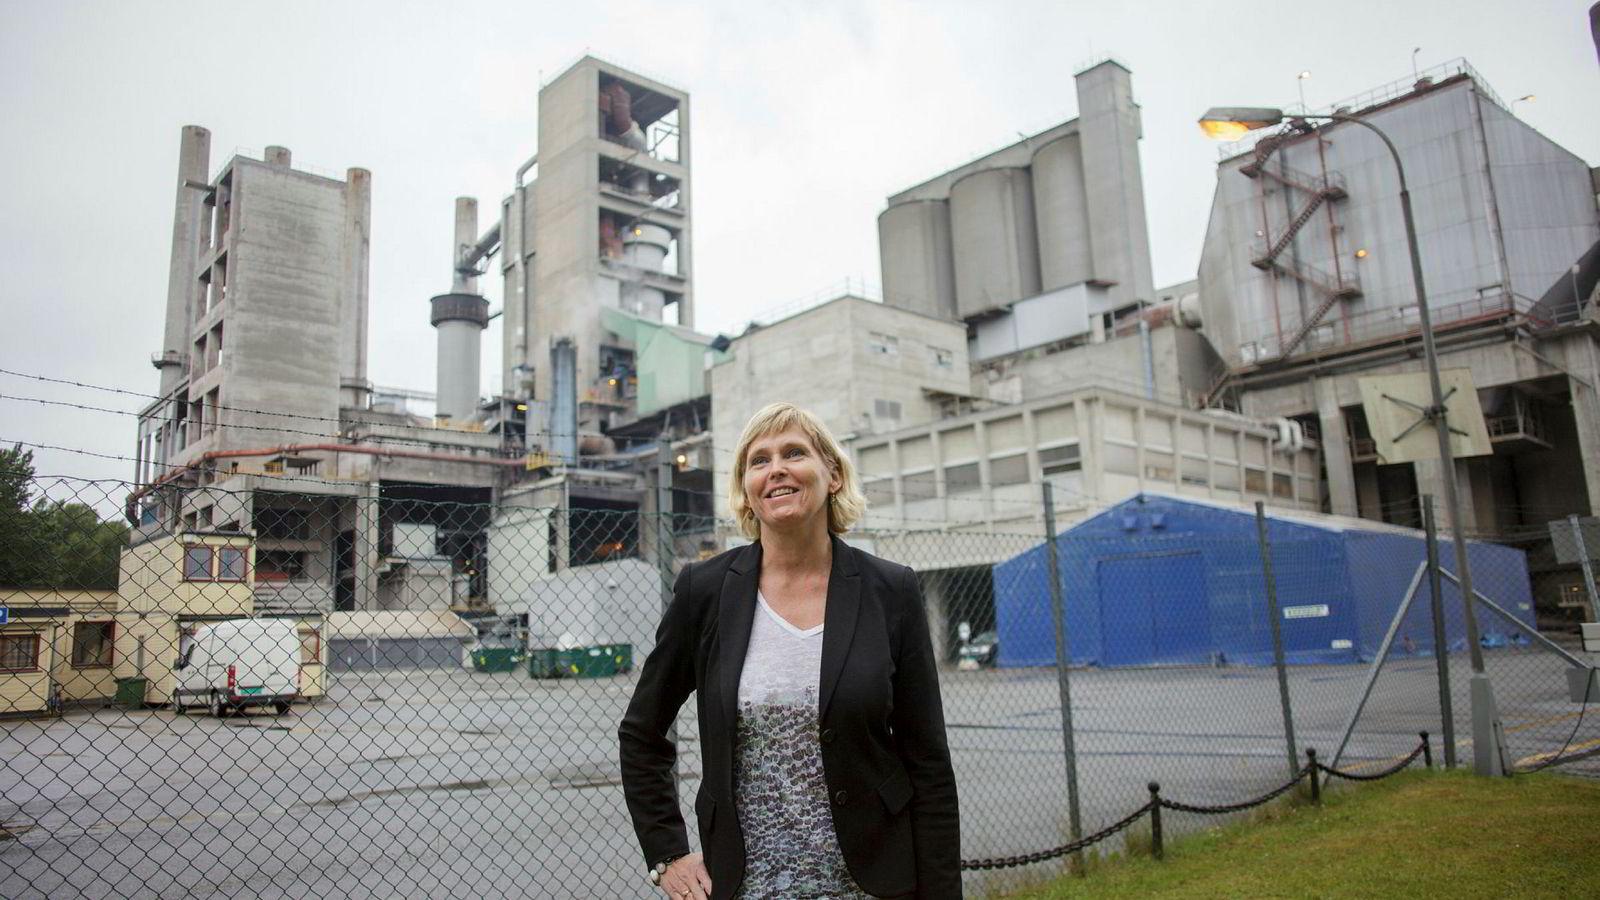 Trude Sundset leder statens karbonfangstselskap Gassnova. Her står hun foran Norcems sementfabrikk i Brevik, ett av to norske industrianlegg som inngår i regjeringens nye planer om karbonfangst.